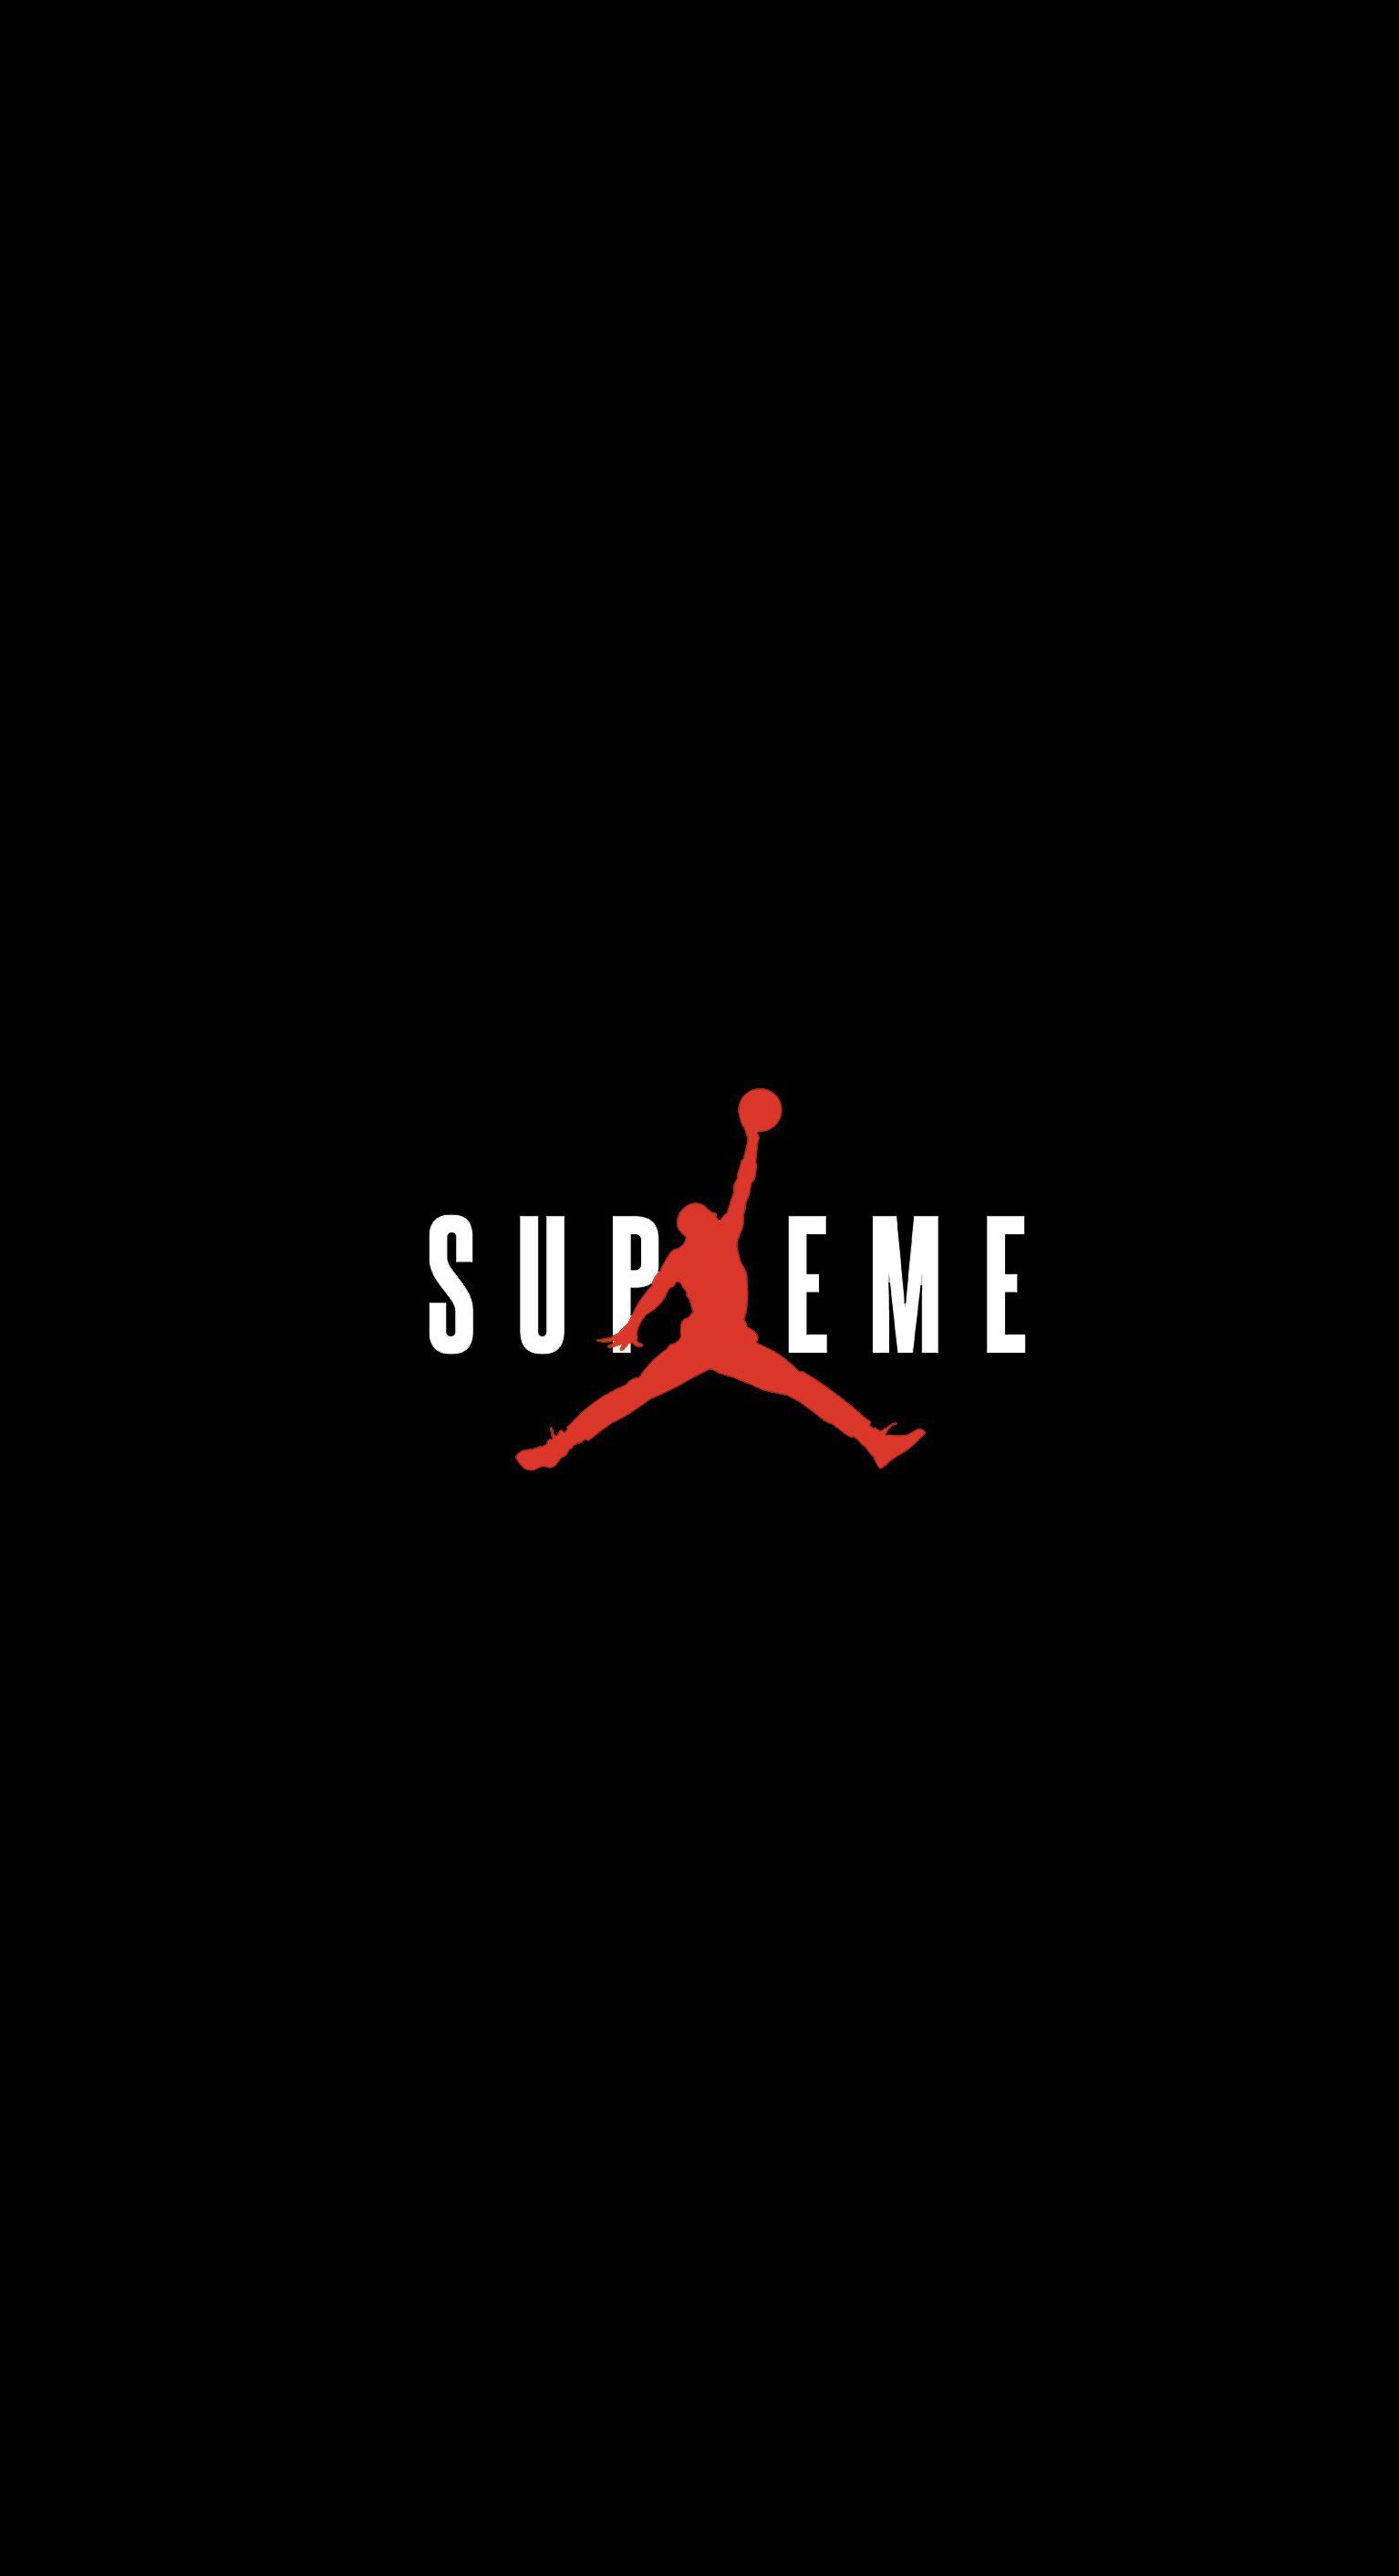 Air Jordan De Nike, Zapatillas Jordan Retro, Fondo De Pantalla Para  Teléfonos, Fondos De Pantalla, Fondo De Pantalla Celular, Fondos De Iphone,  Fondos Hd, ...